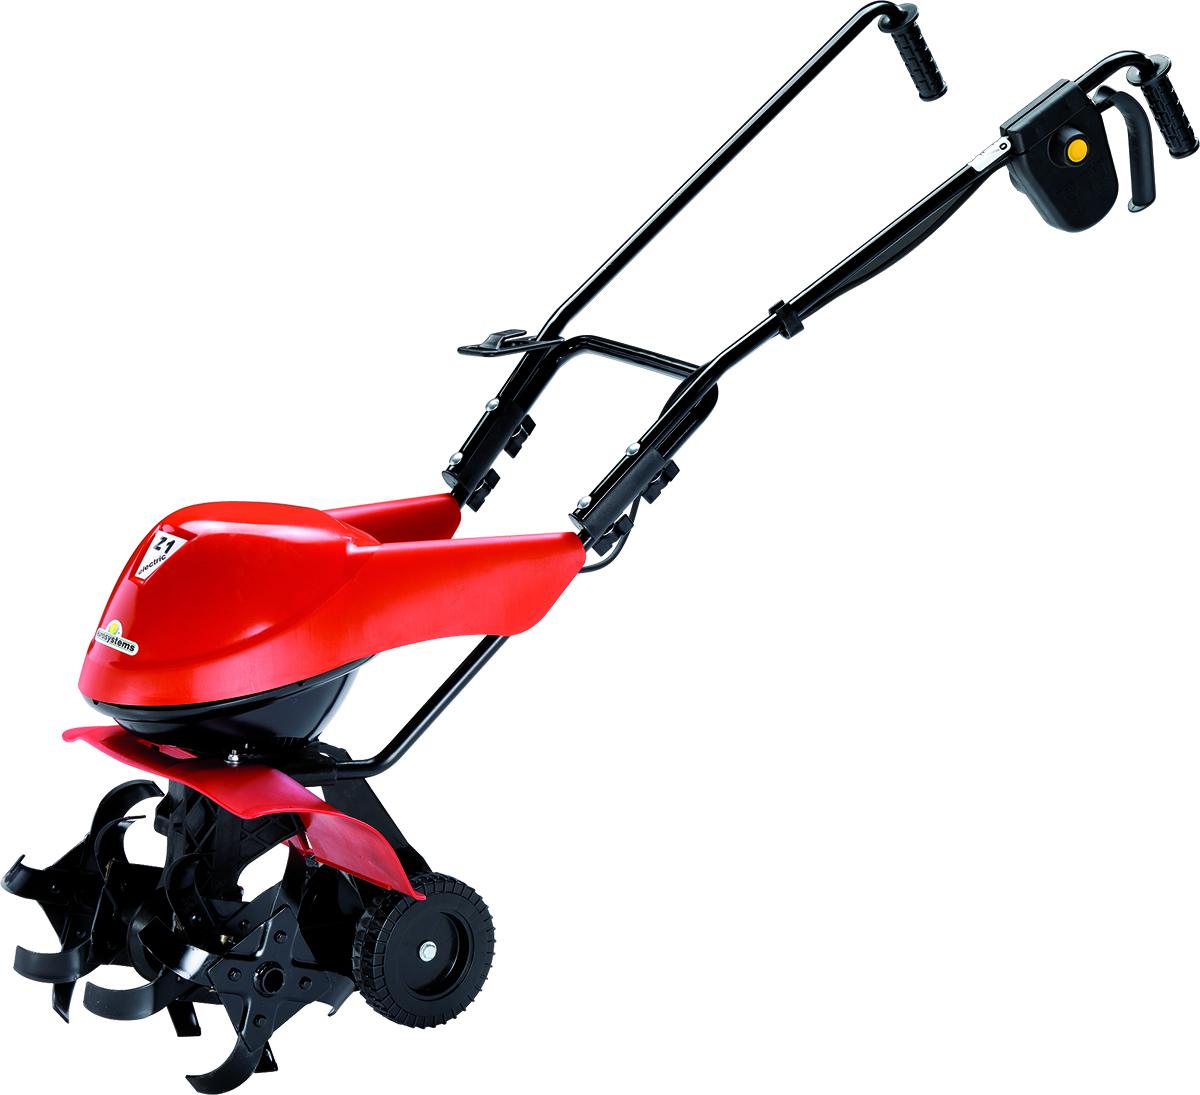 """Электрокультиватор Eurosystems """"Z-1 El"""" легкий и комфортабельный,можно подключить его  к бытовой розетке. Модель эффективна для  эксплуатации на маленьком придомовом участке.   Характеристики:   - Тип двигателя: электрический   - Ширина обработки почвы: 340 мм;   - Глубина обработки почвы: 200 мм;   - Вес 15 кг;   - Тип ручки: съёмная;  - Мощность: 900 Вт;   - Напряжение 230 В;   - Скорость вращения фрез: 140 об/мин;   - Диаметр колес: 150 мм;   - Диаметр фрез: 250 мм."""